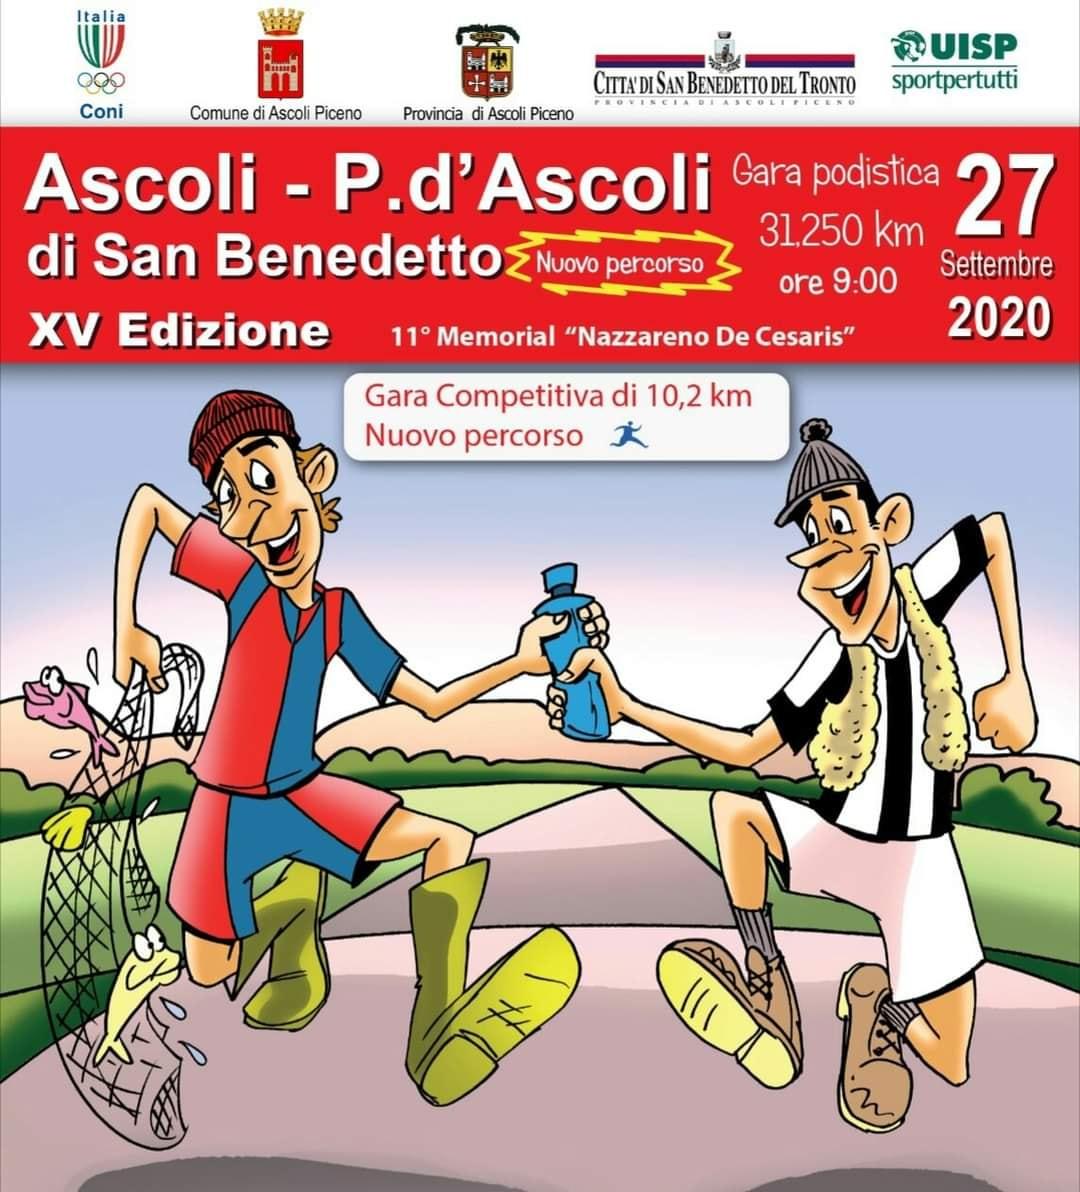 Adugna Biniyam Senibeta e Tappatà Denise vincono la gara podistica Ascoli – Porto d'Ascoli